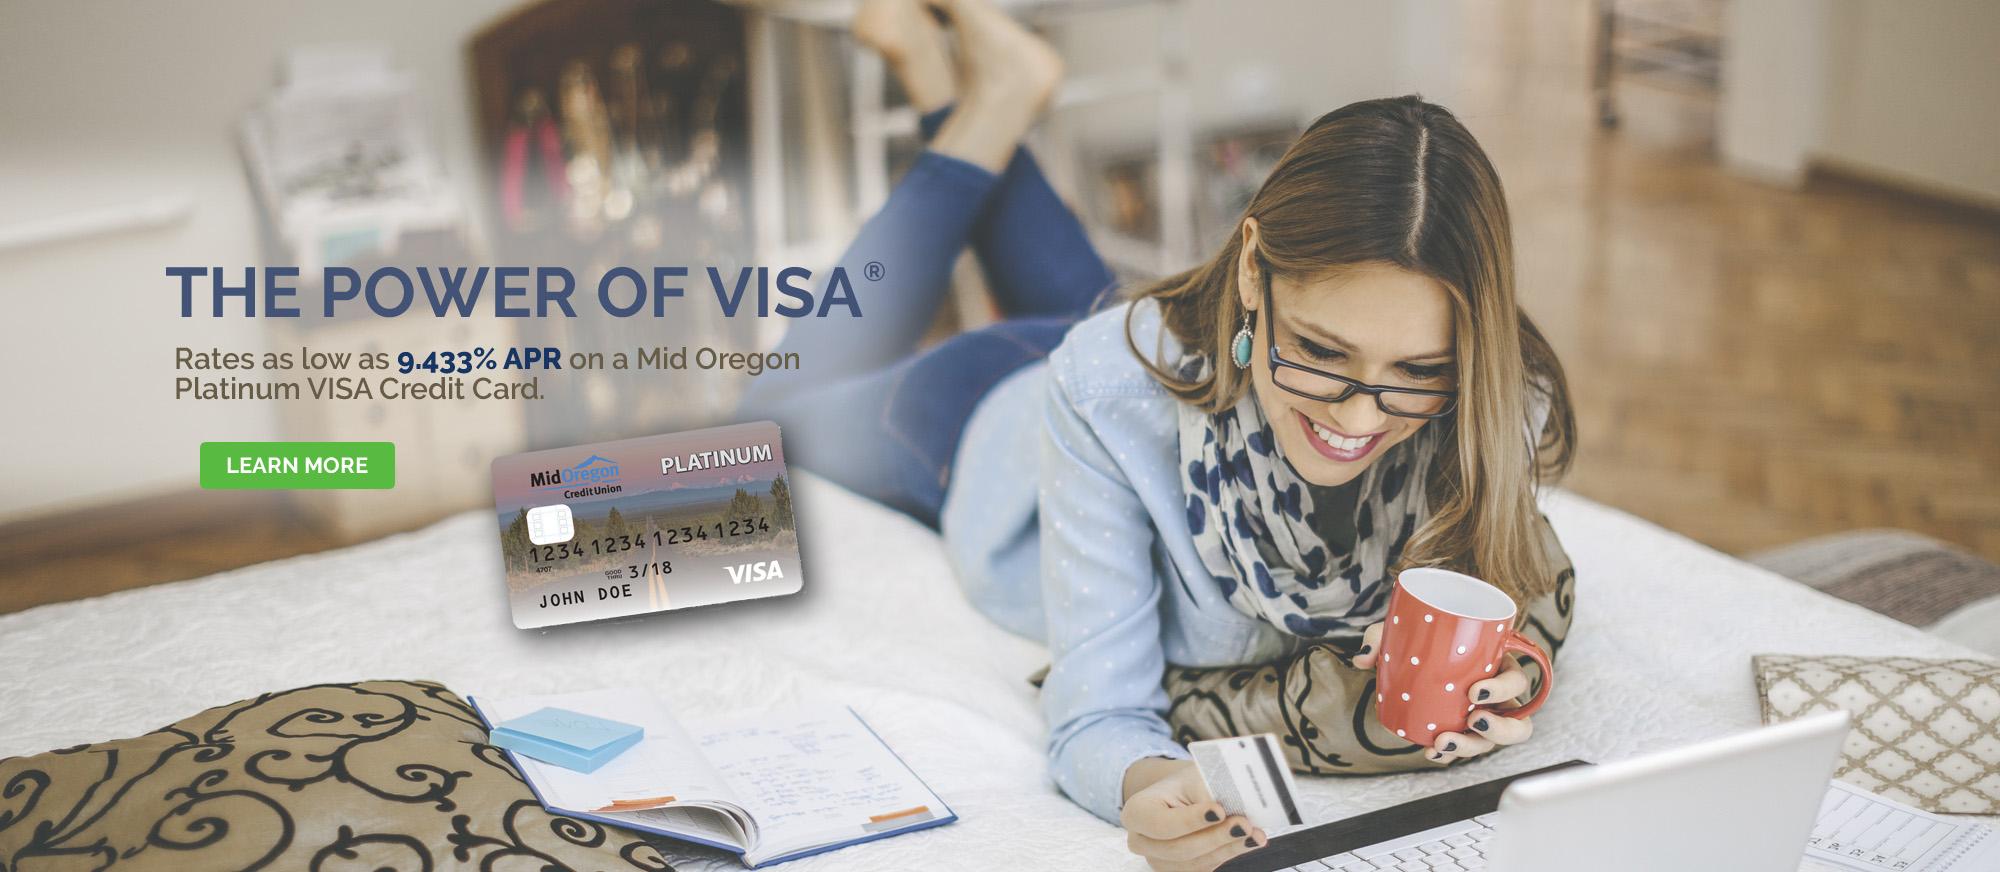 VISA Platinum Credit Card rate as low as 9.433% APR